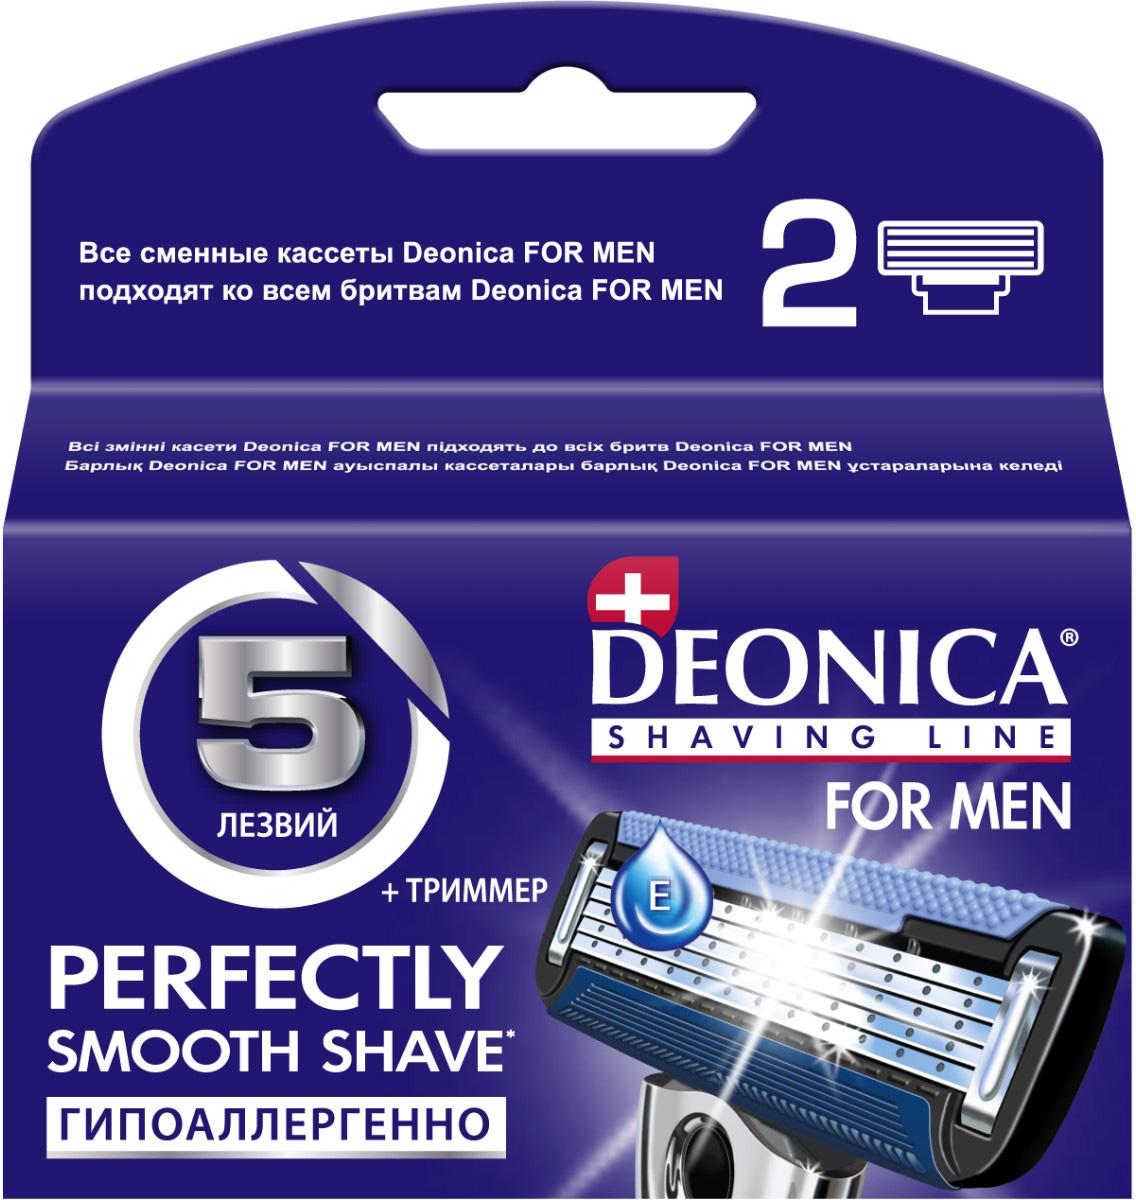 Сменные кассеты для бритья Deonica 5 тонких лезвий с керамическим покрытием производство США, 2 штуки #1